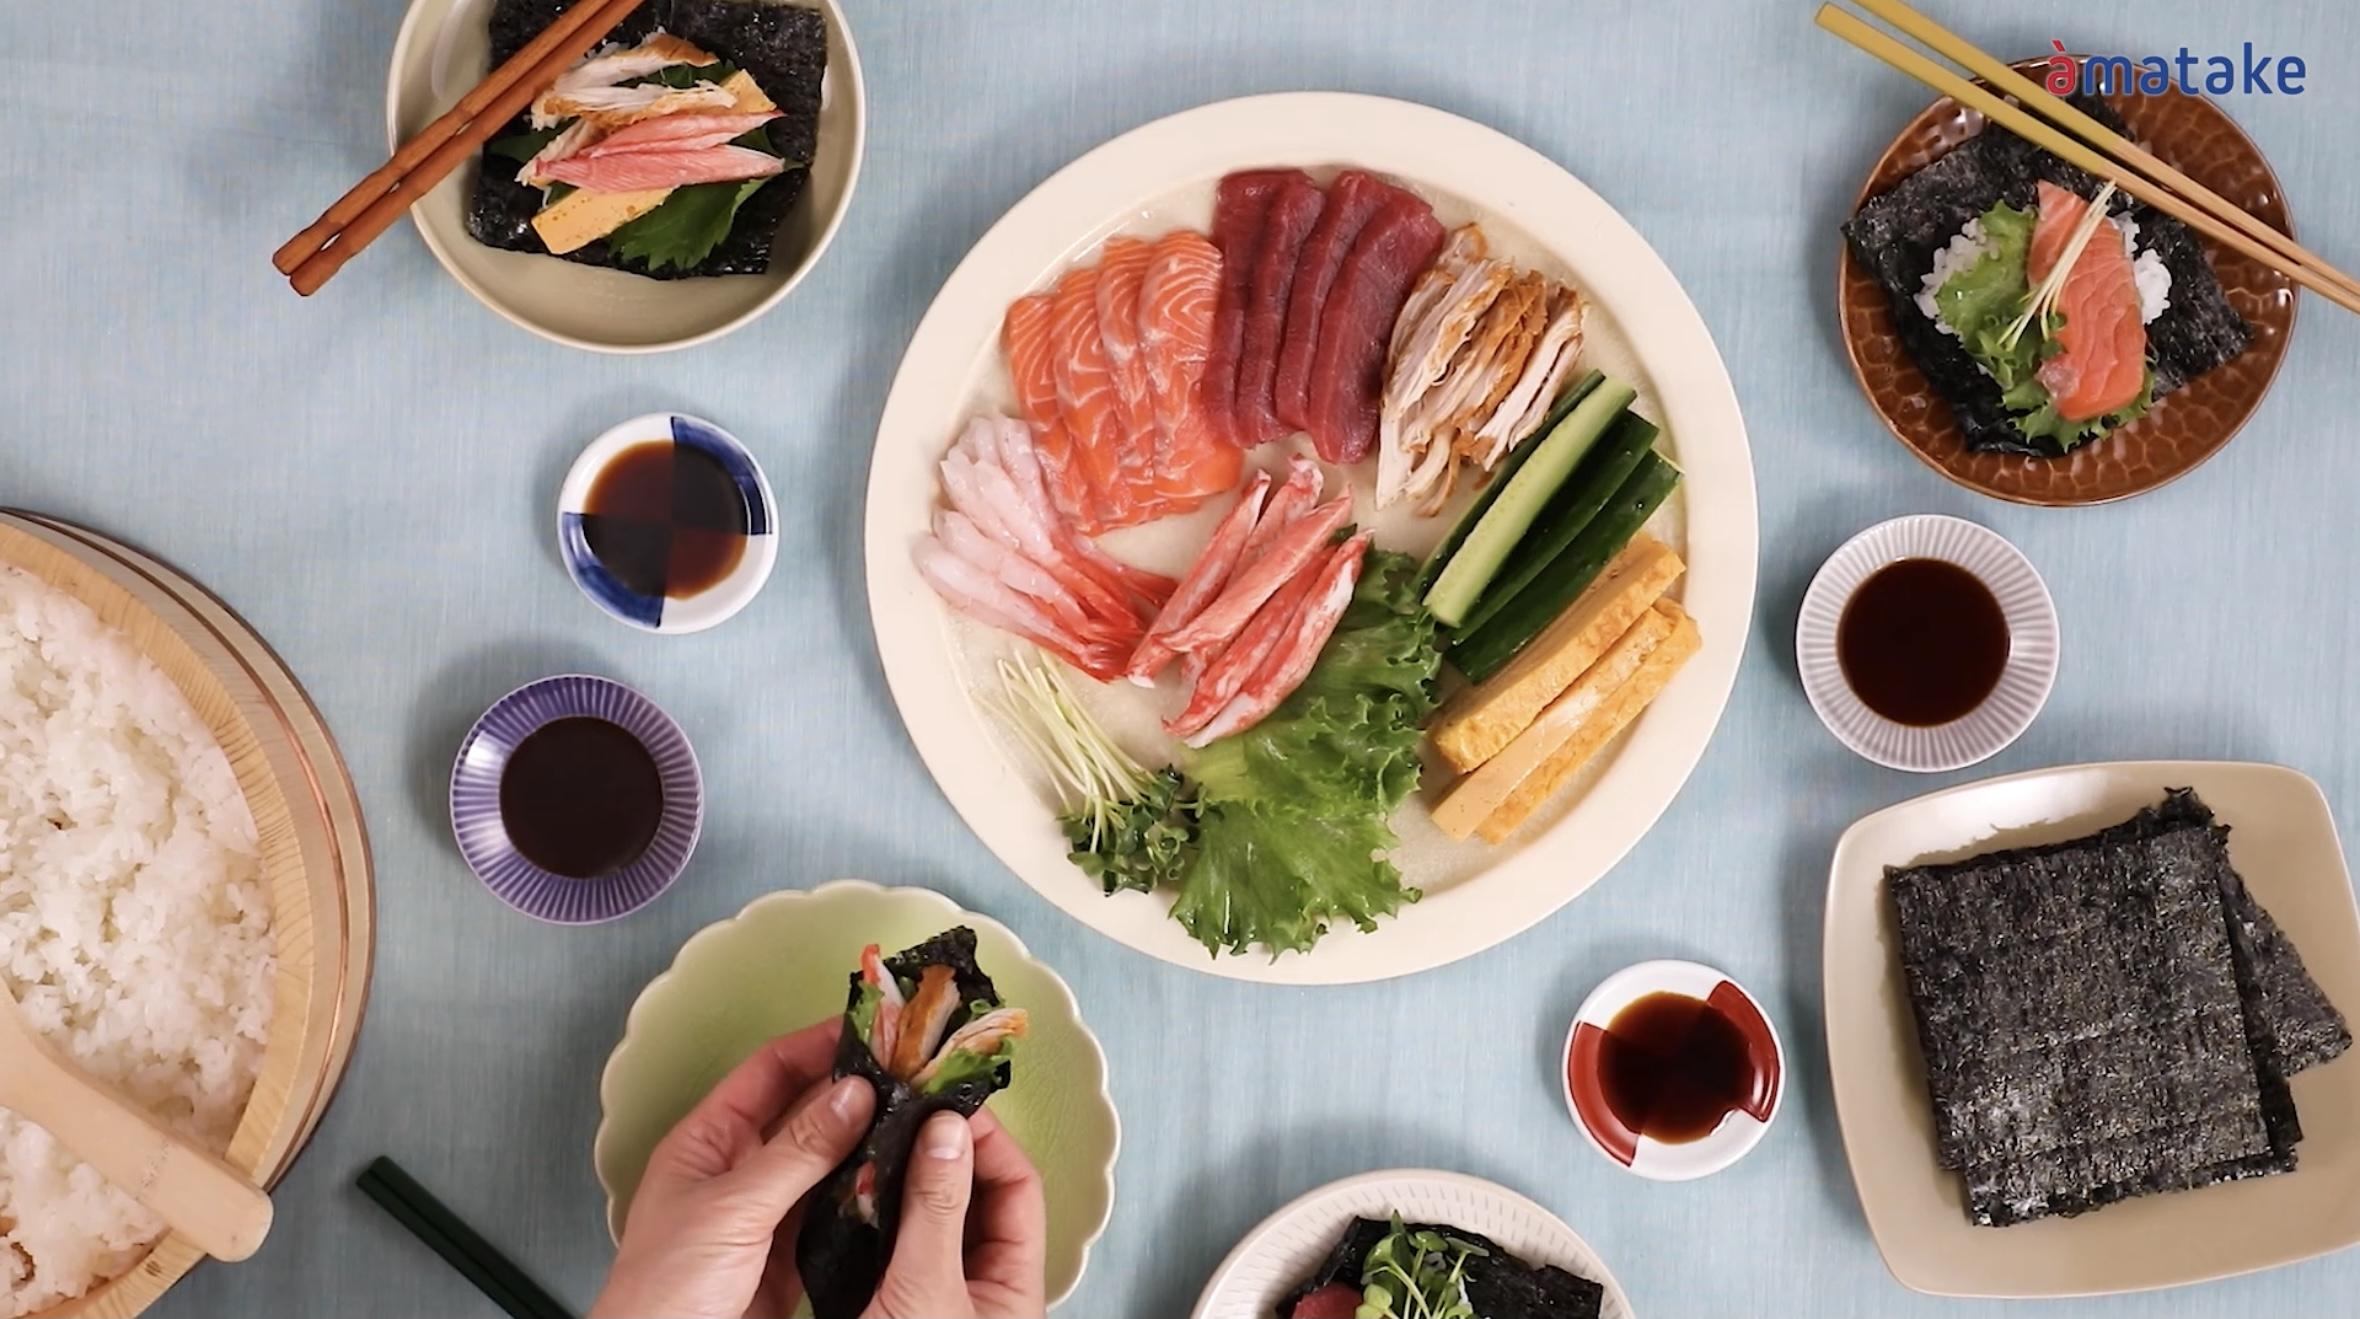 ⦅動画⦆サラダチキンタンドリーの手巻き寿司